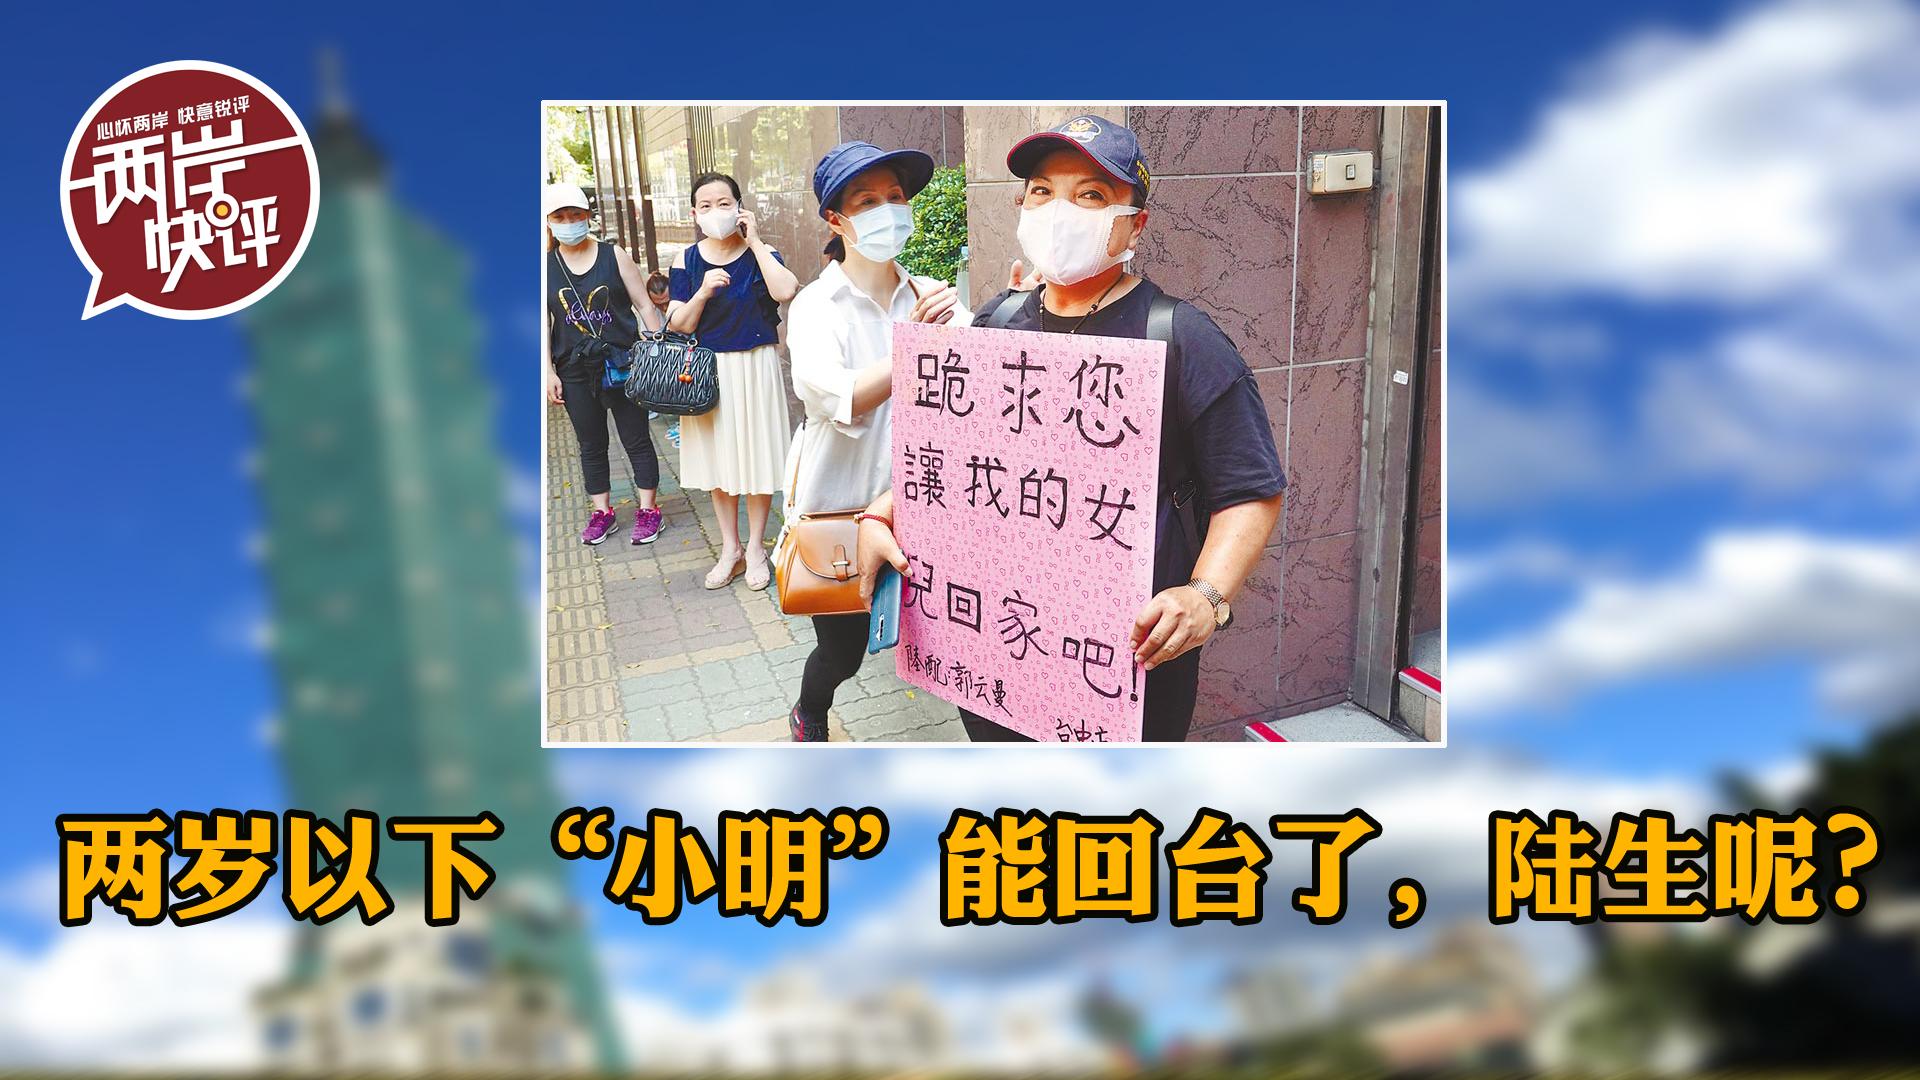 """臺灣開放2歲以下""""小明""""回臺,何時能解禁陸生?圖片"""